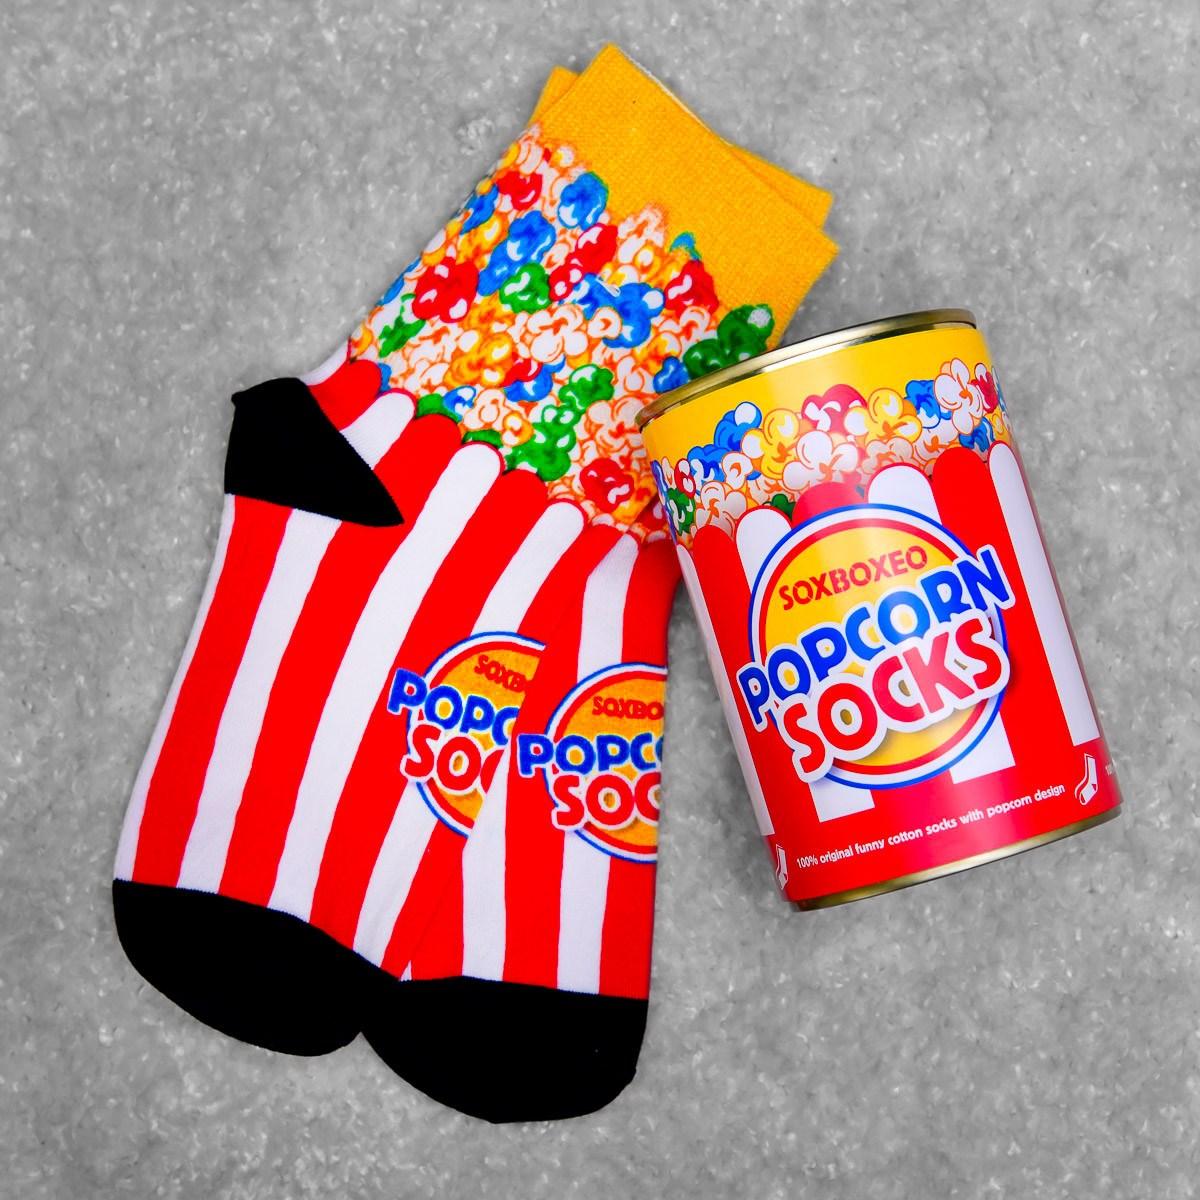 Červenobílá plechovka s ponožkami Popcorn Socks